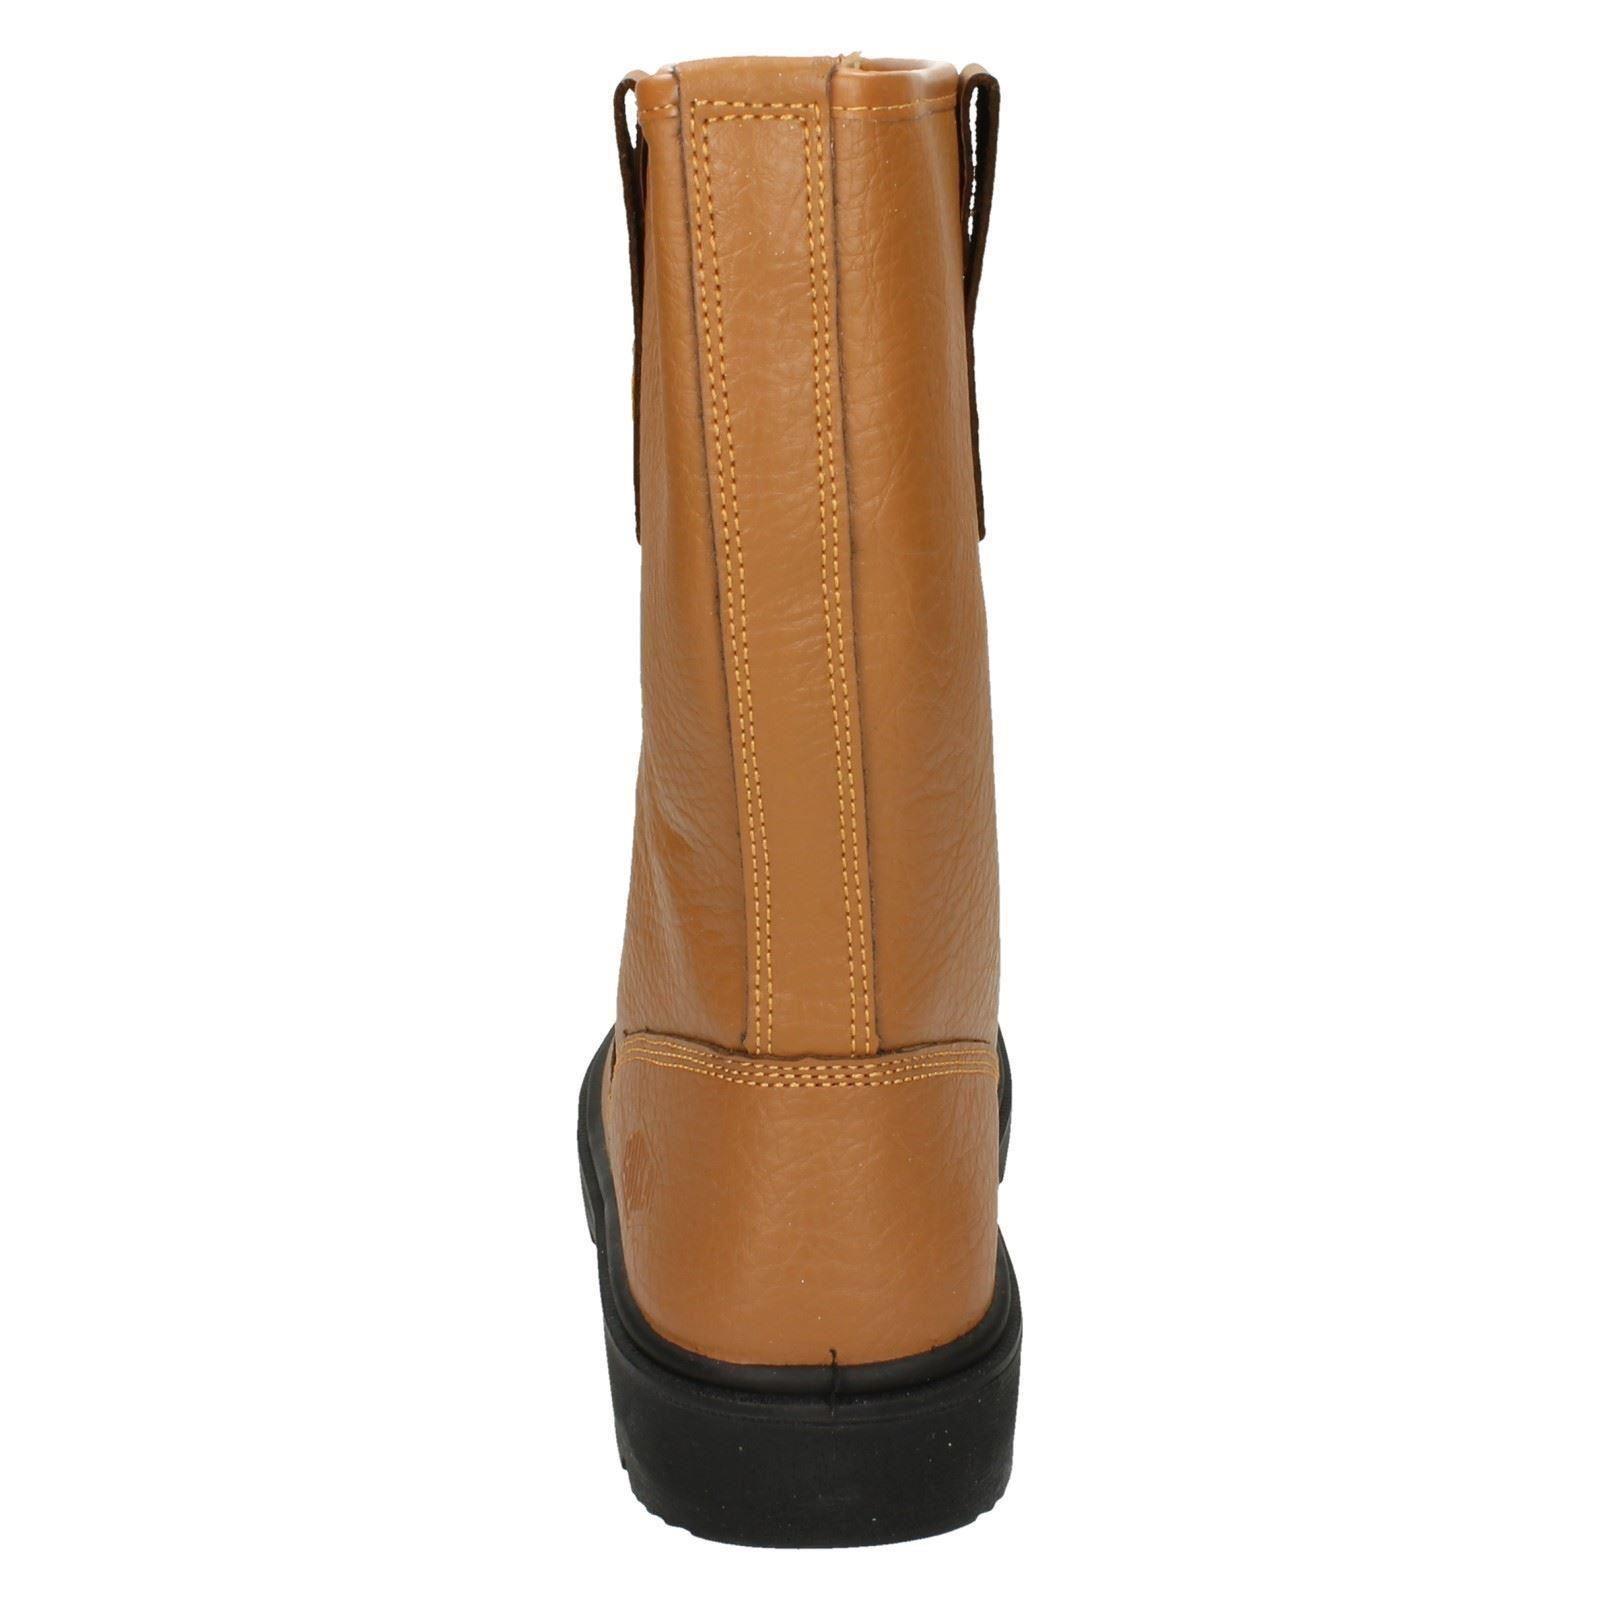 puntale fibbia con marrone con in sicurezza pelle chiaro in marrone di Truka arrotondato uomo acciaio P129sb pelle in stivali Rp464nX